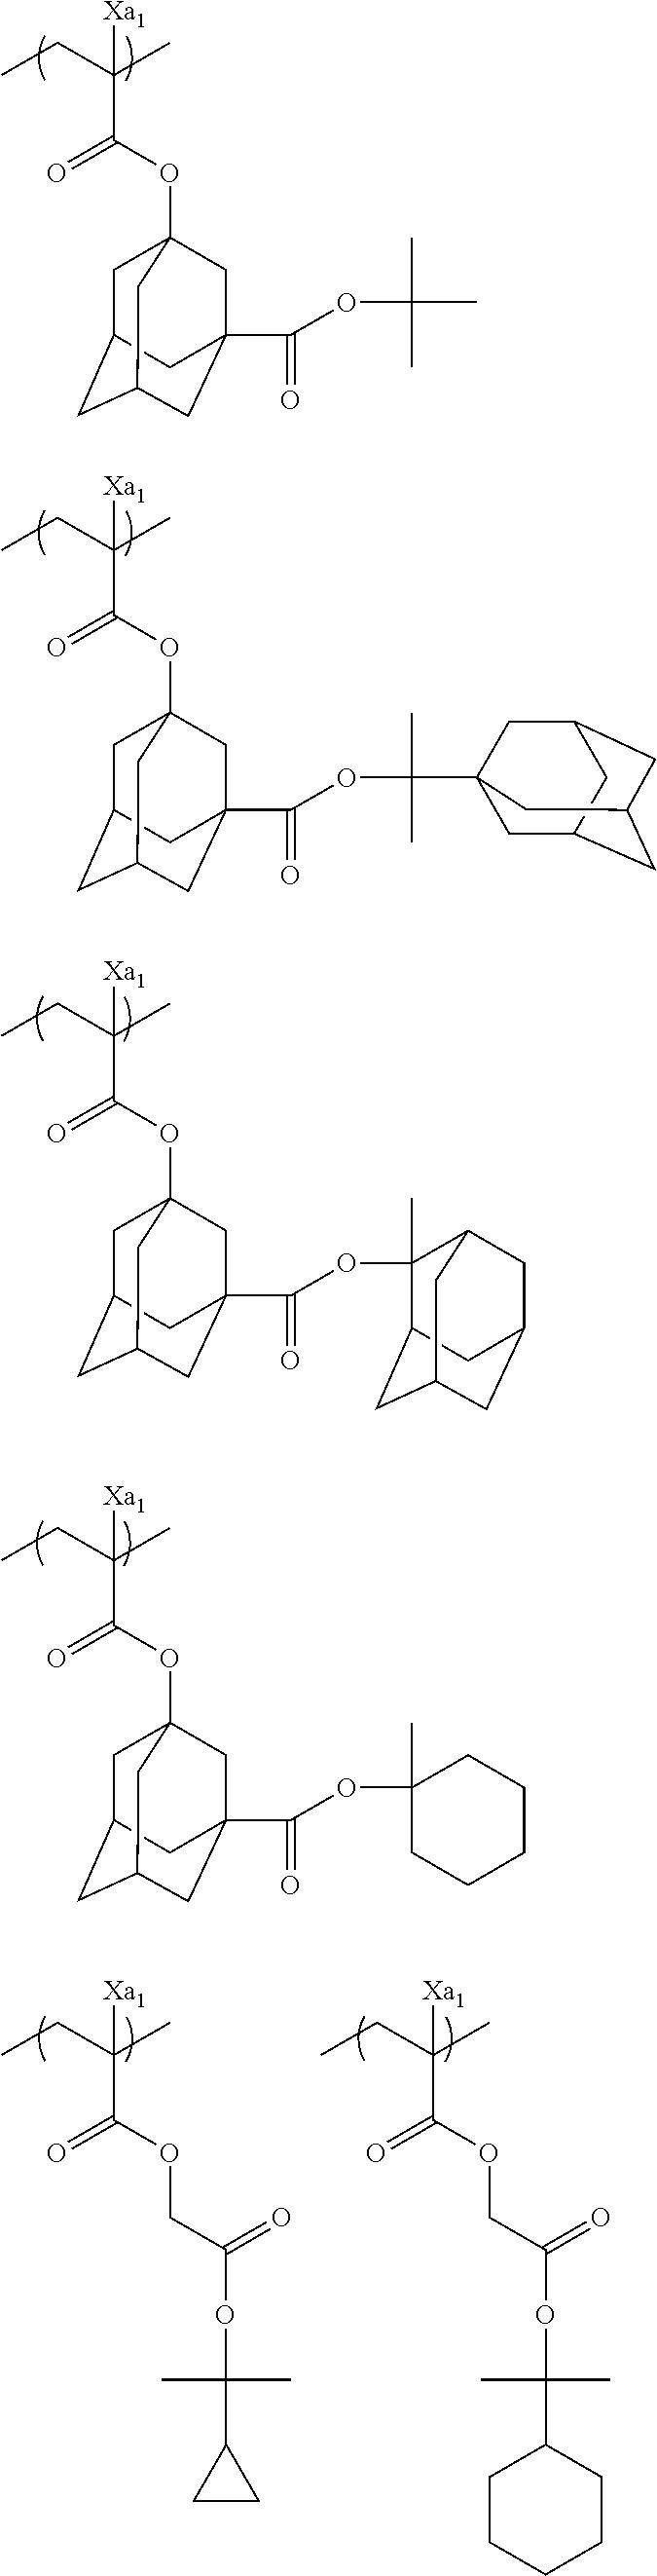 Figure US20110183258A1-20110728-C00035